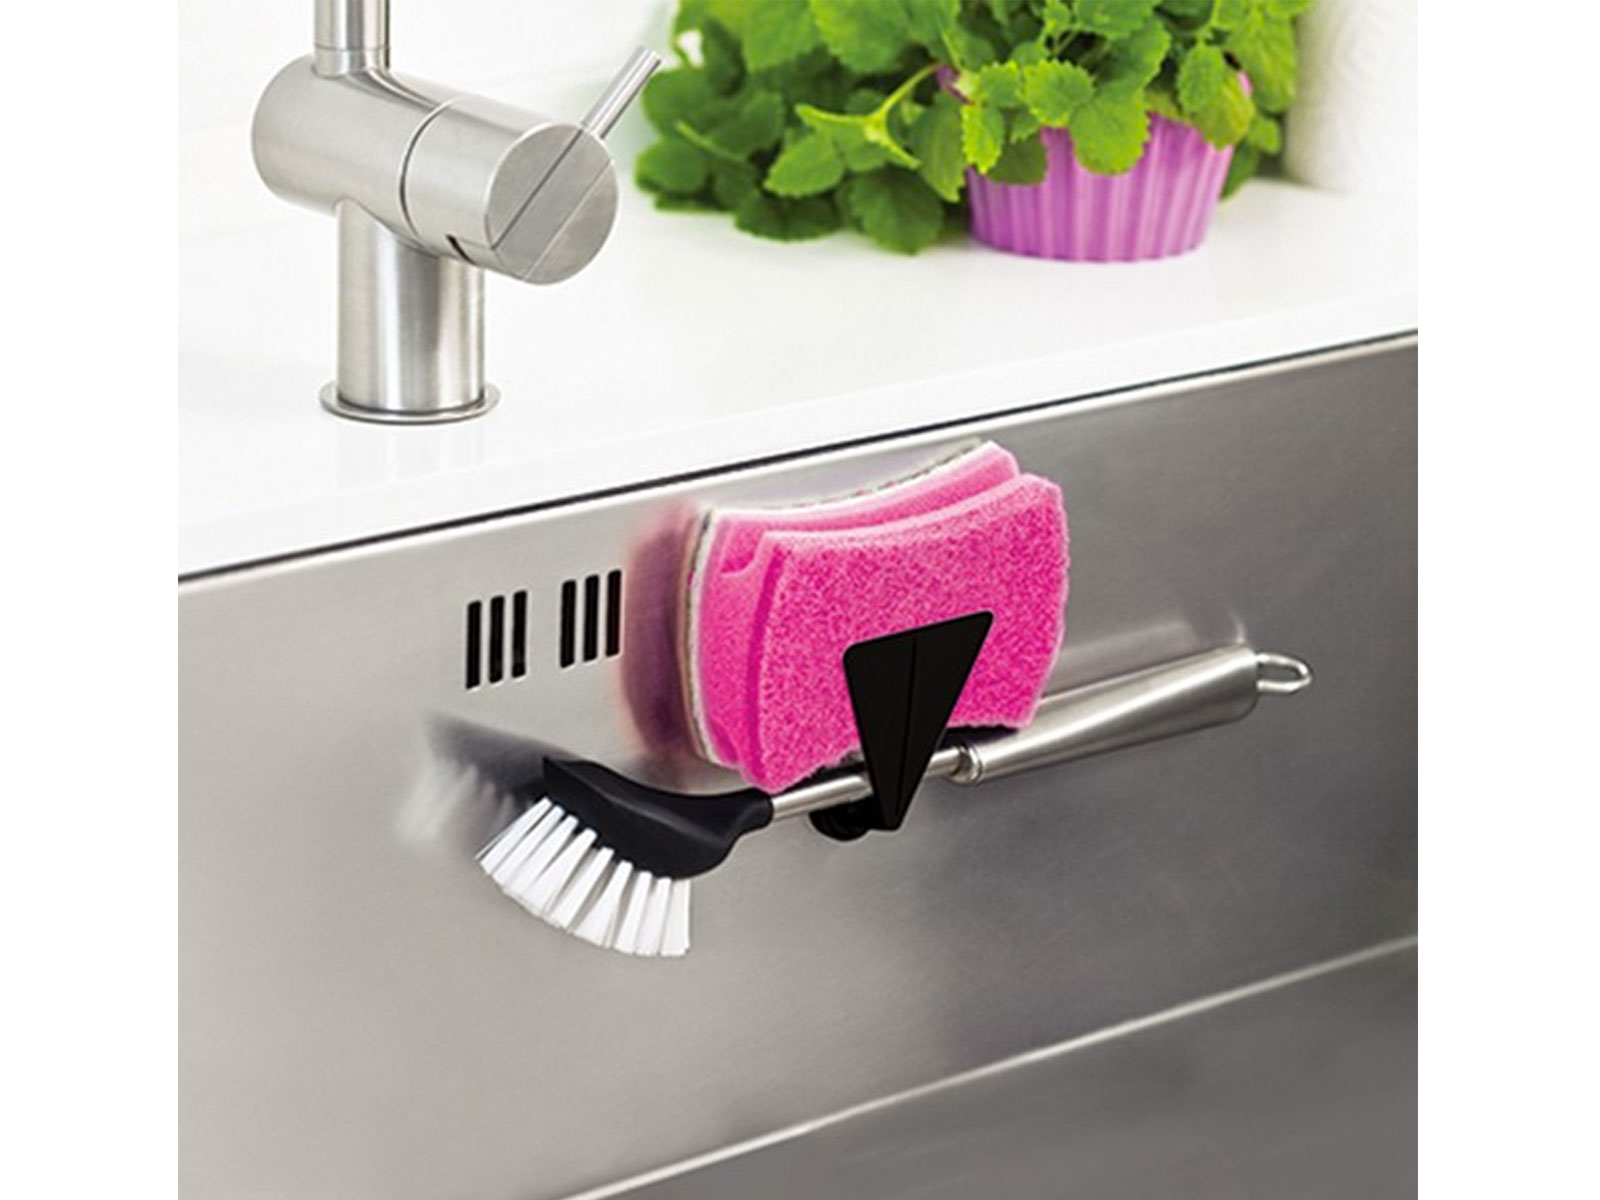 Magnetische accessoires voor vaatdoeken en handdoeken